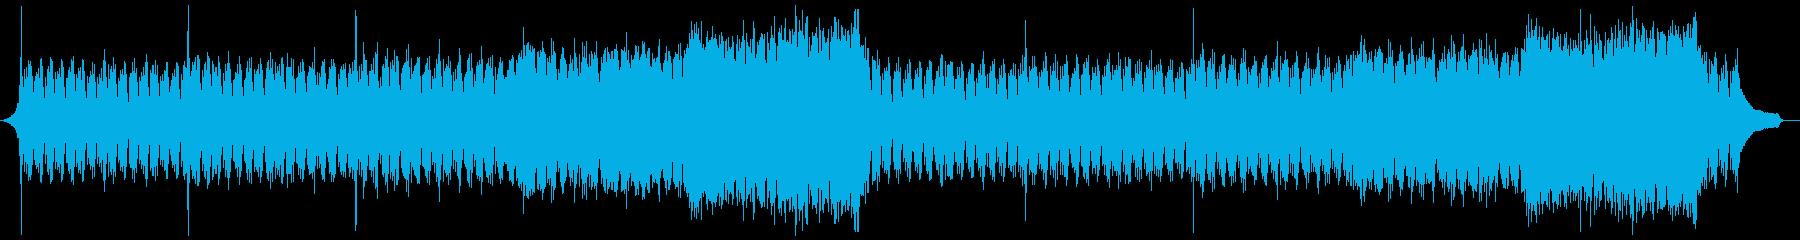 企業VP映像、111オーケストラ、爽快aの再生済みの波形